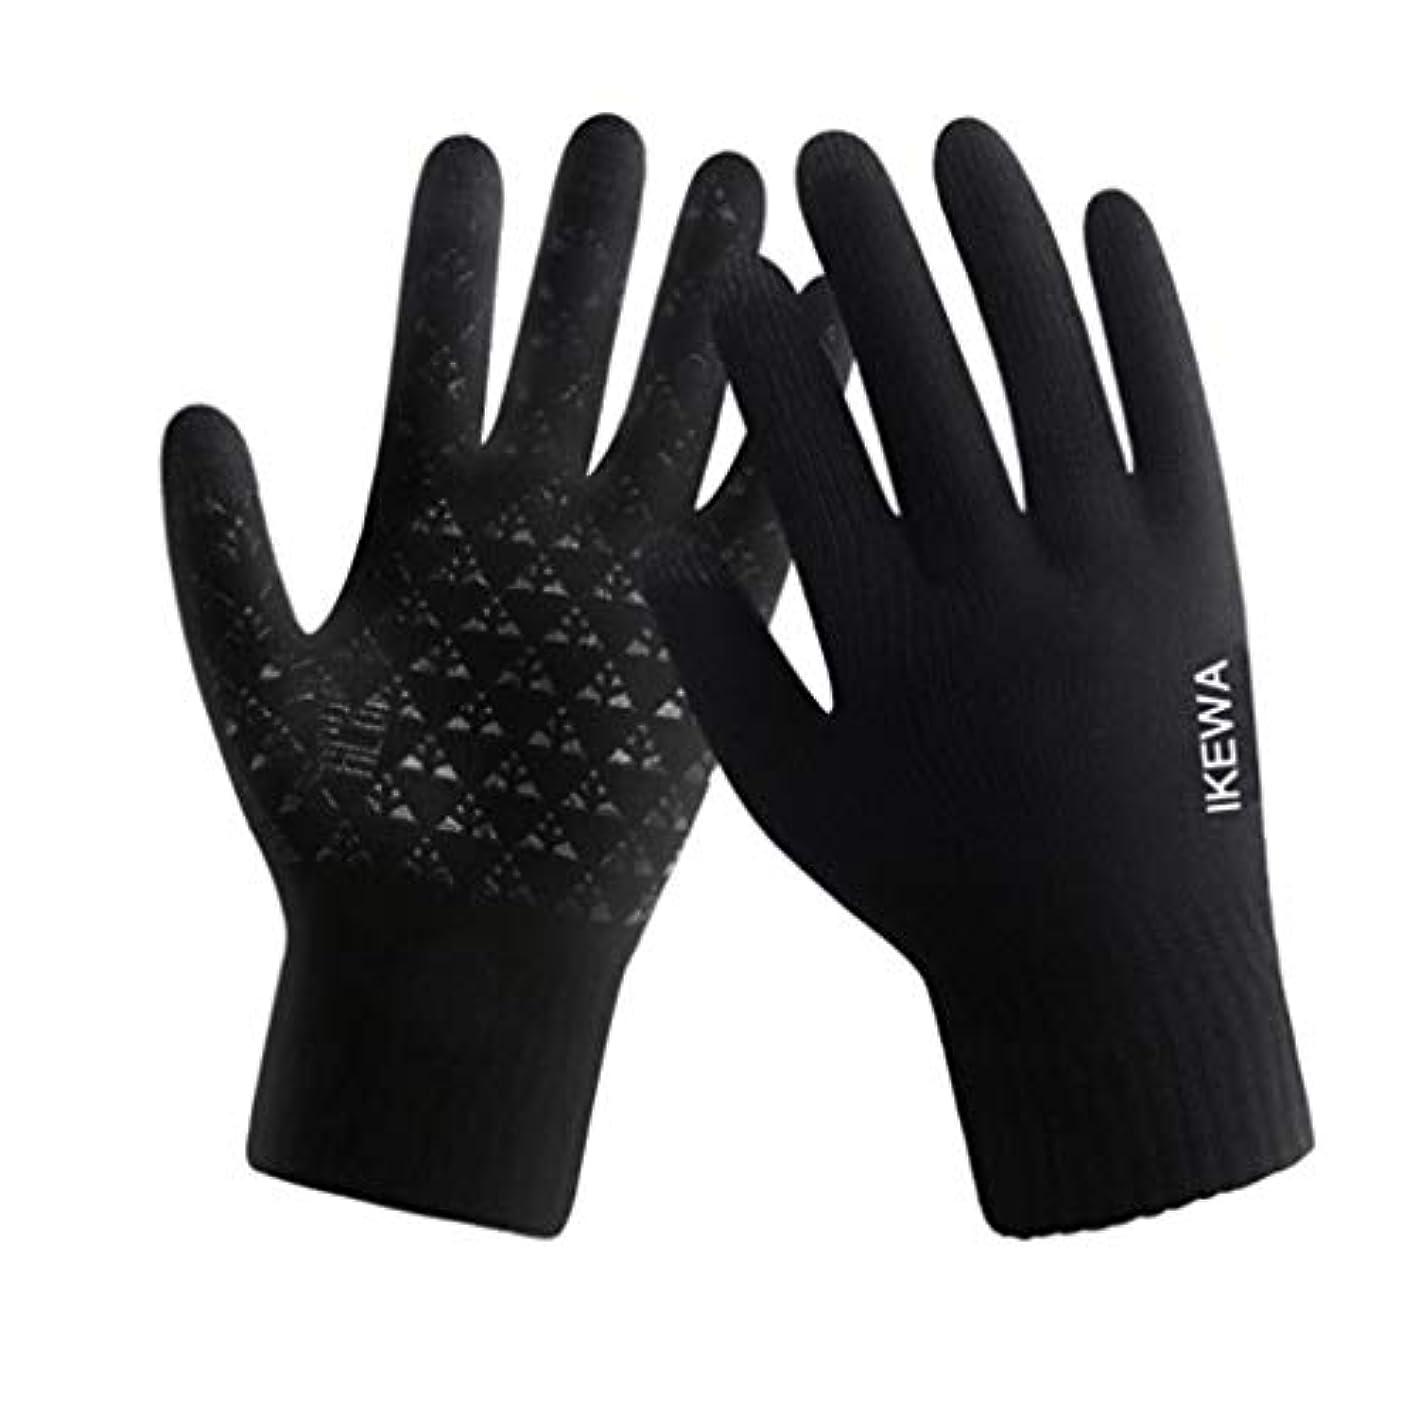 シャックル一見回復冬の羊毛の手袋、男性と女性、サイクリング、暖かいニット、タッチスクリーン、5本指の手袋、黒(男性)